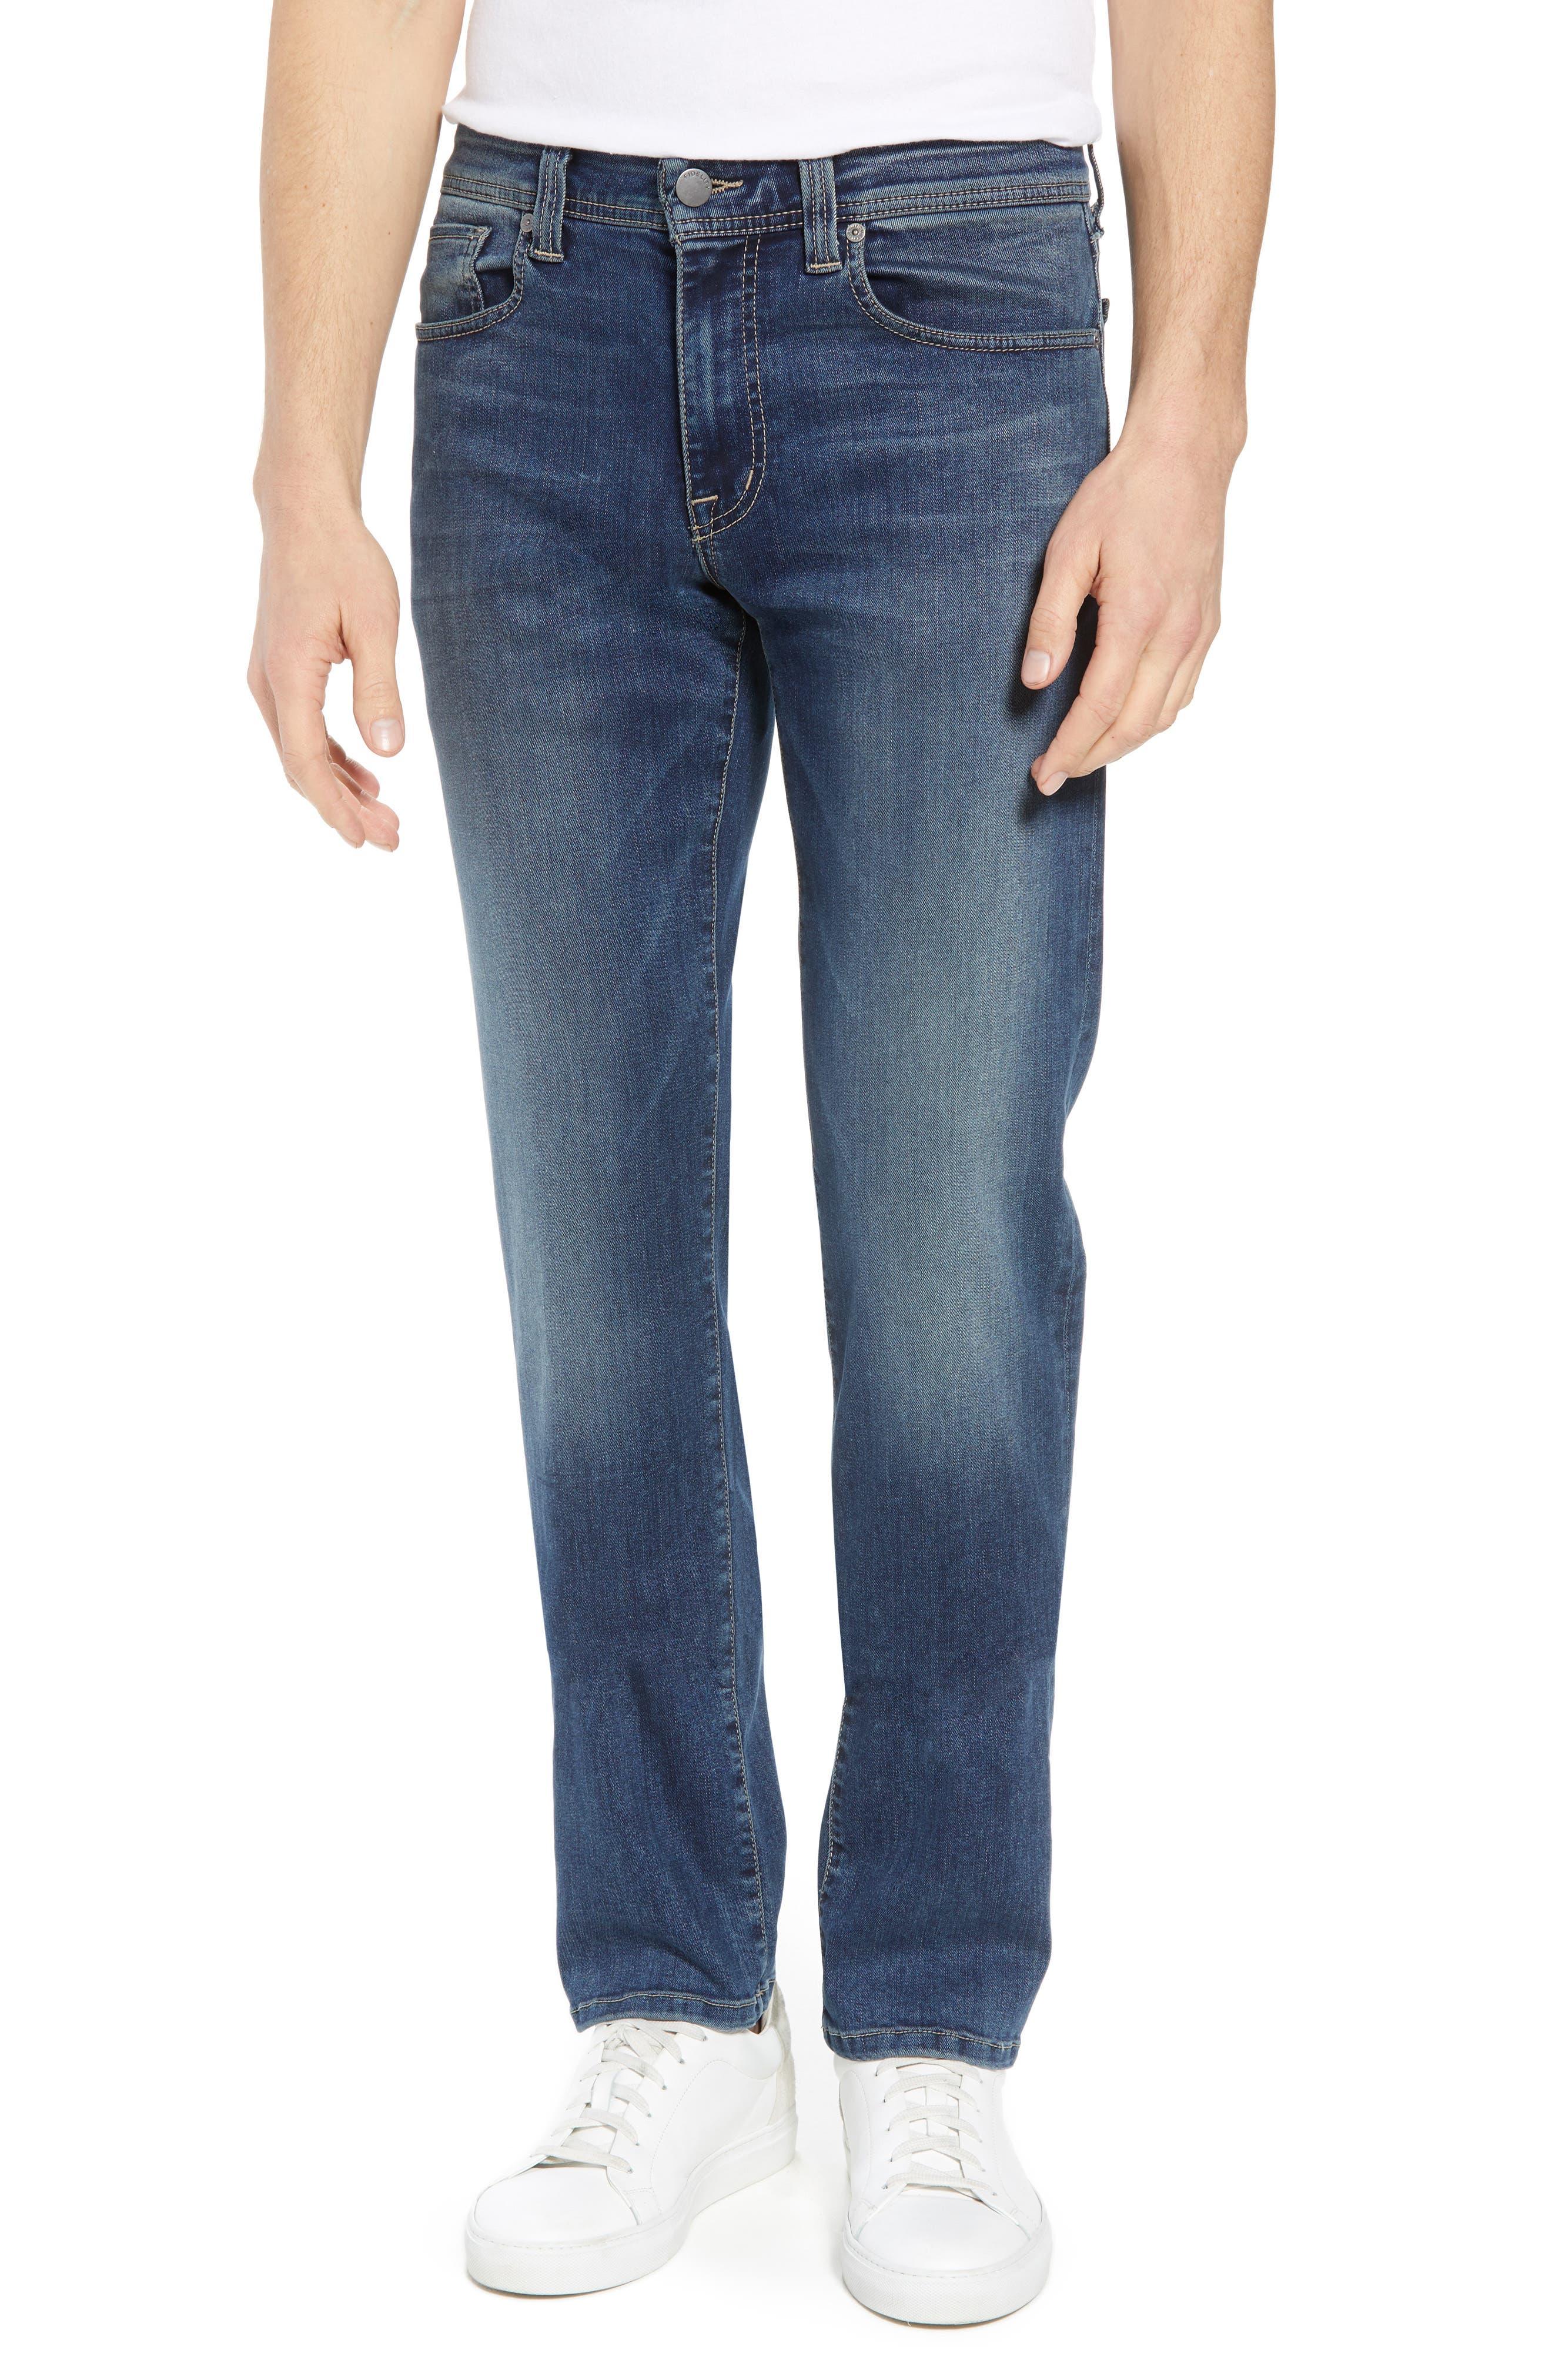 Jimmy Slim Straight Leg Jeans,                             Main thumbnail 1, color,                             Satori Blue